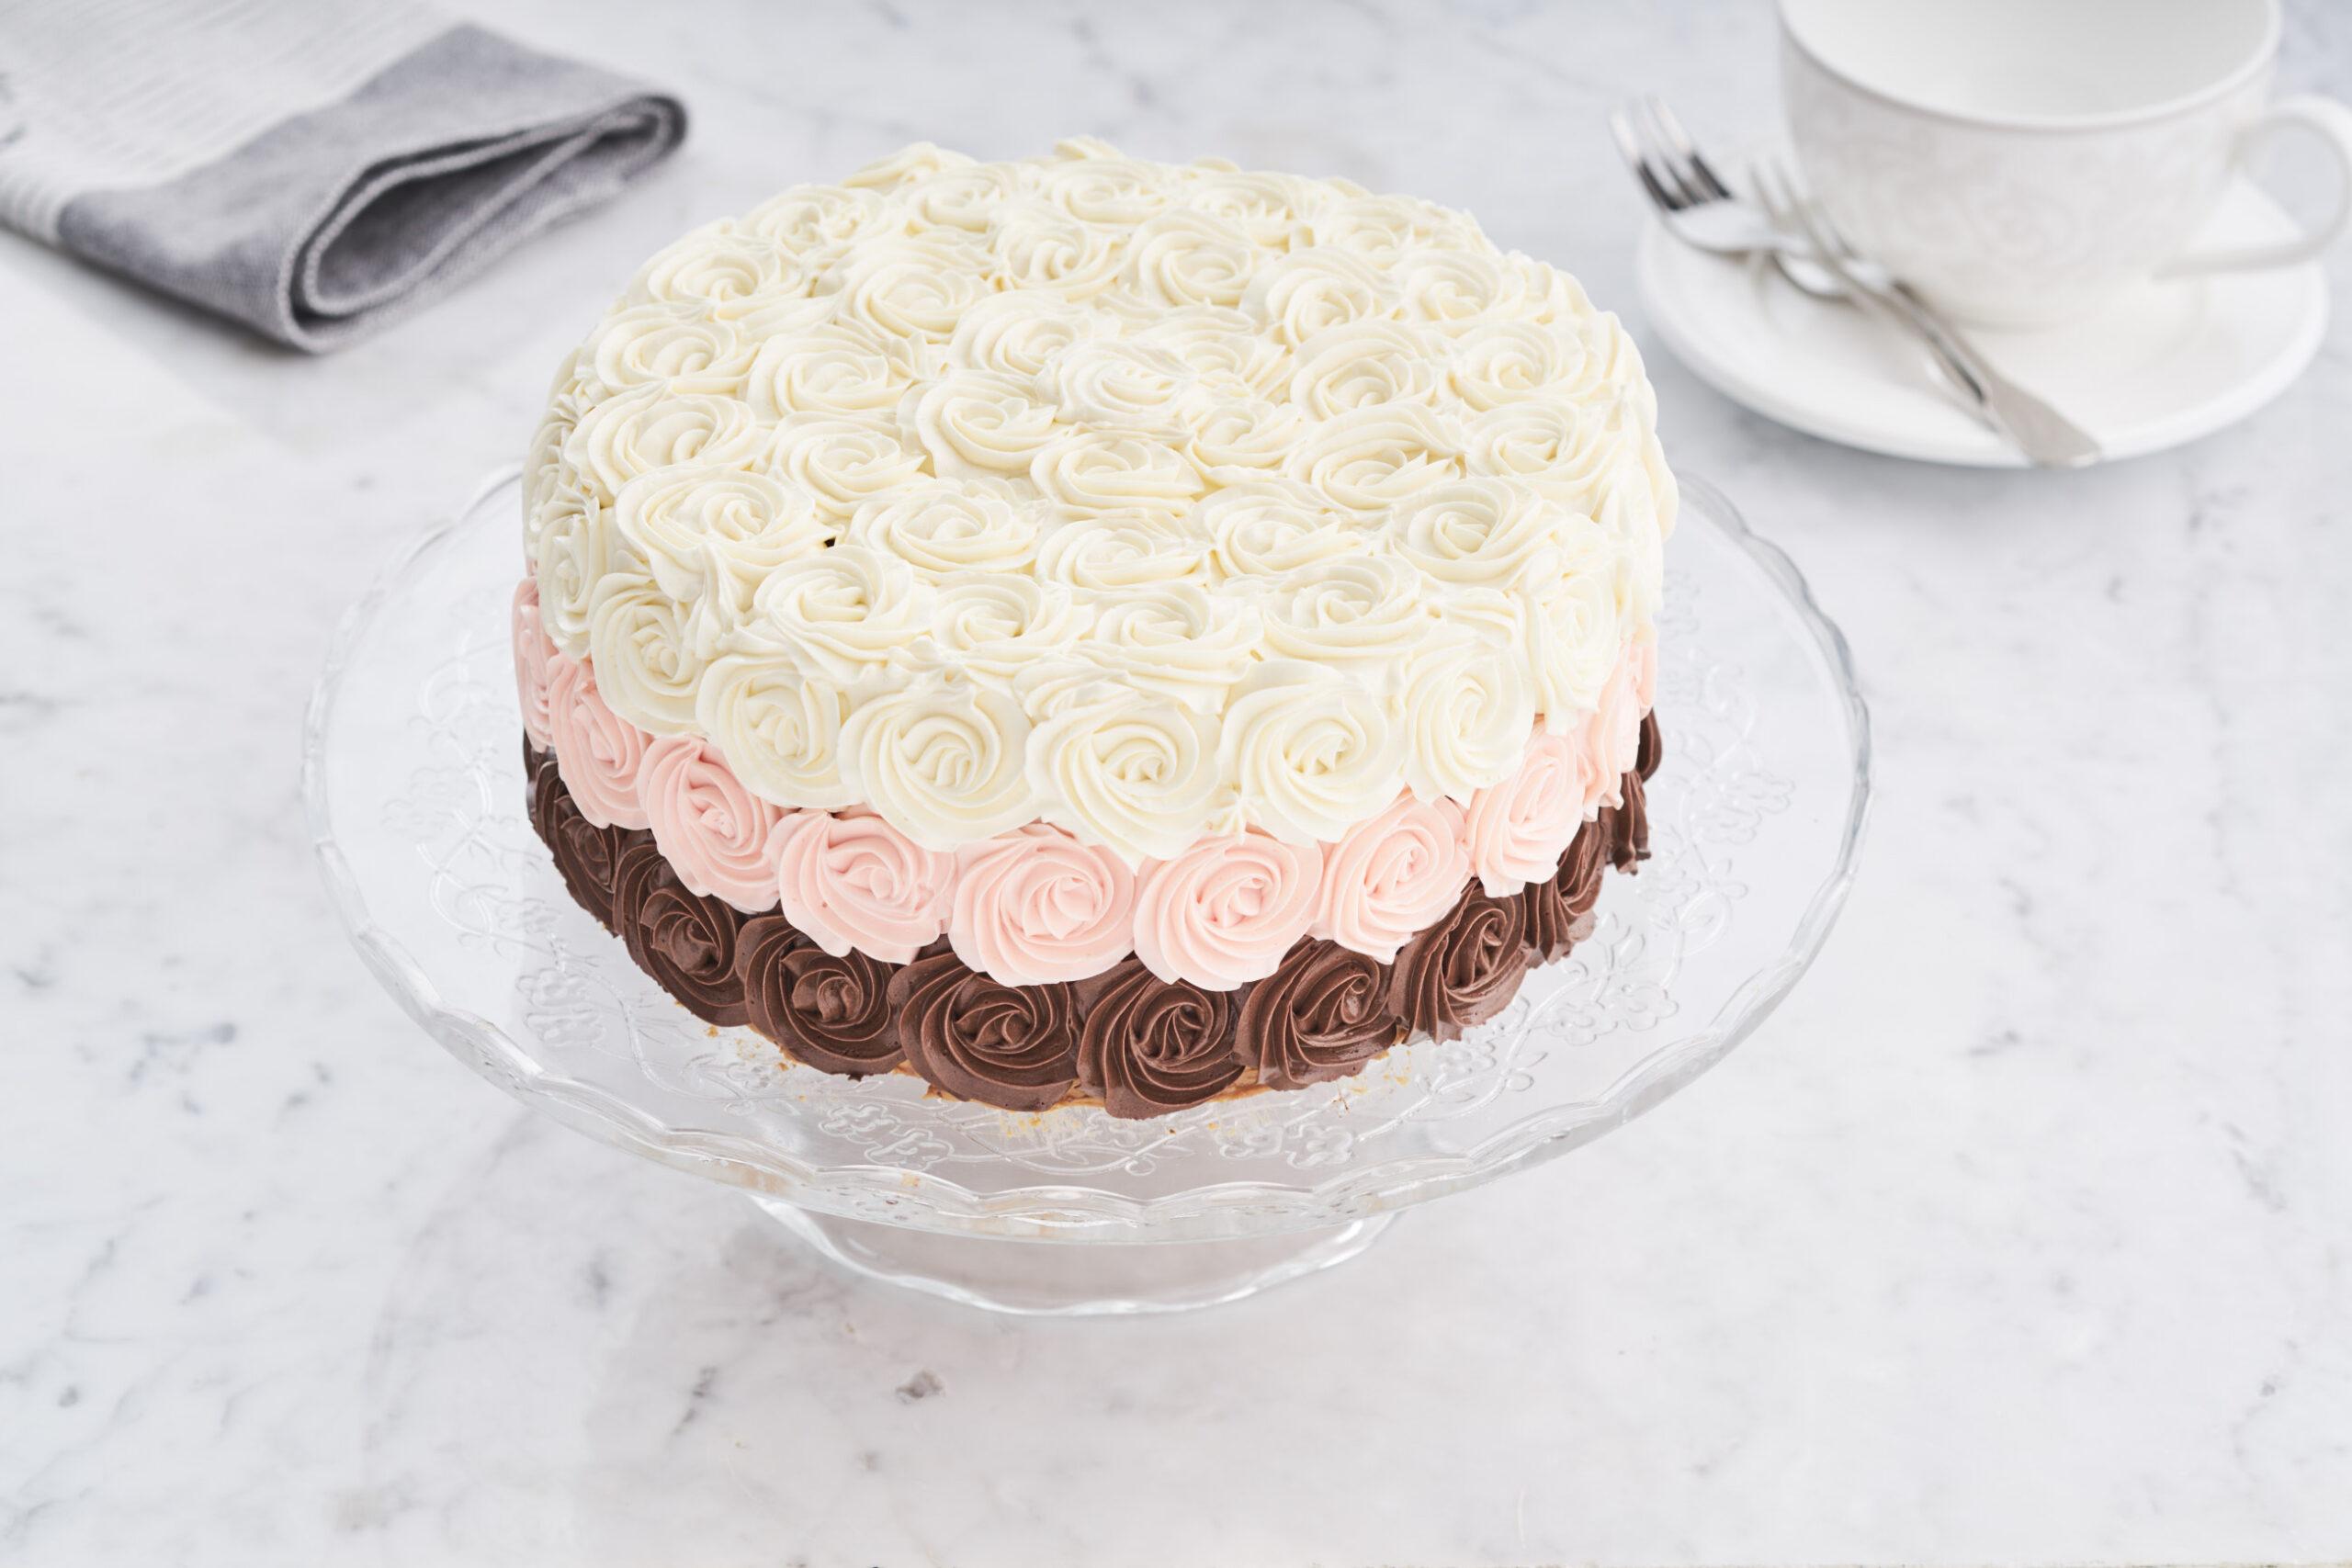 Кремовый путеводитель: всё, что вы хотели знать о кремах, пропитывающих наши торты